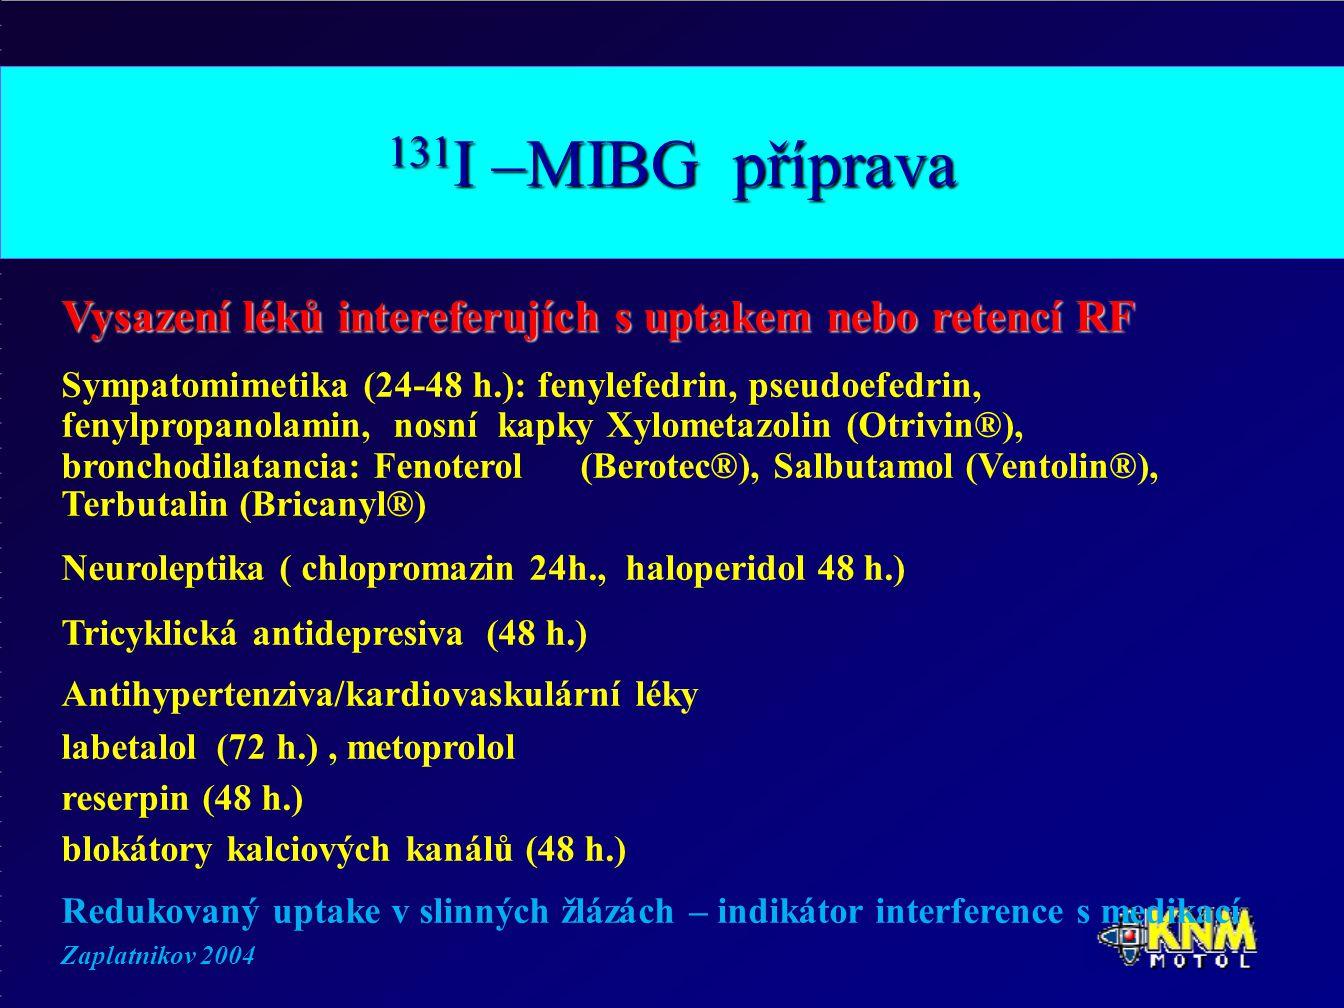 131 I –MIBG příprava Vysazení léků intereferujích s uptakem nebo retencí RF Sympatomimetika (24-48 h.): fenylefedrin, pseudoefedrin, fenylpropanolamin, nosní kapky Xylometazolin (Otrivin®), bronchodilatancia: Fenoterol (Berotec®), Salbutamol (Ventolin®), Terbutalin (Bricanyl®) Neuroleptika ( chlopromazin 24h., haloperidol 48 h.) Tricyklická antidepresiva (48 h.) Antihypertenziva/kardiovaskulární léky labetalol (72 h.), metoprolol reserpin (48 h.) blokátory kalciových kanálů (48 h.) Redukovaný uptake v slinných žlázách – indikátor interference s medikací Zaplatnikov 2004